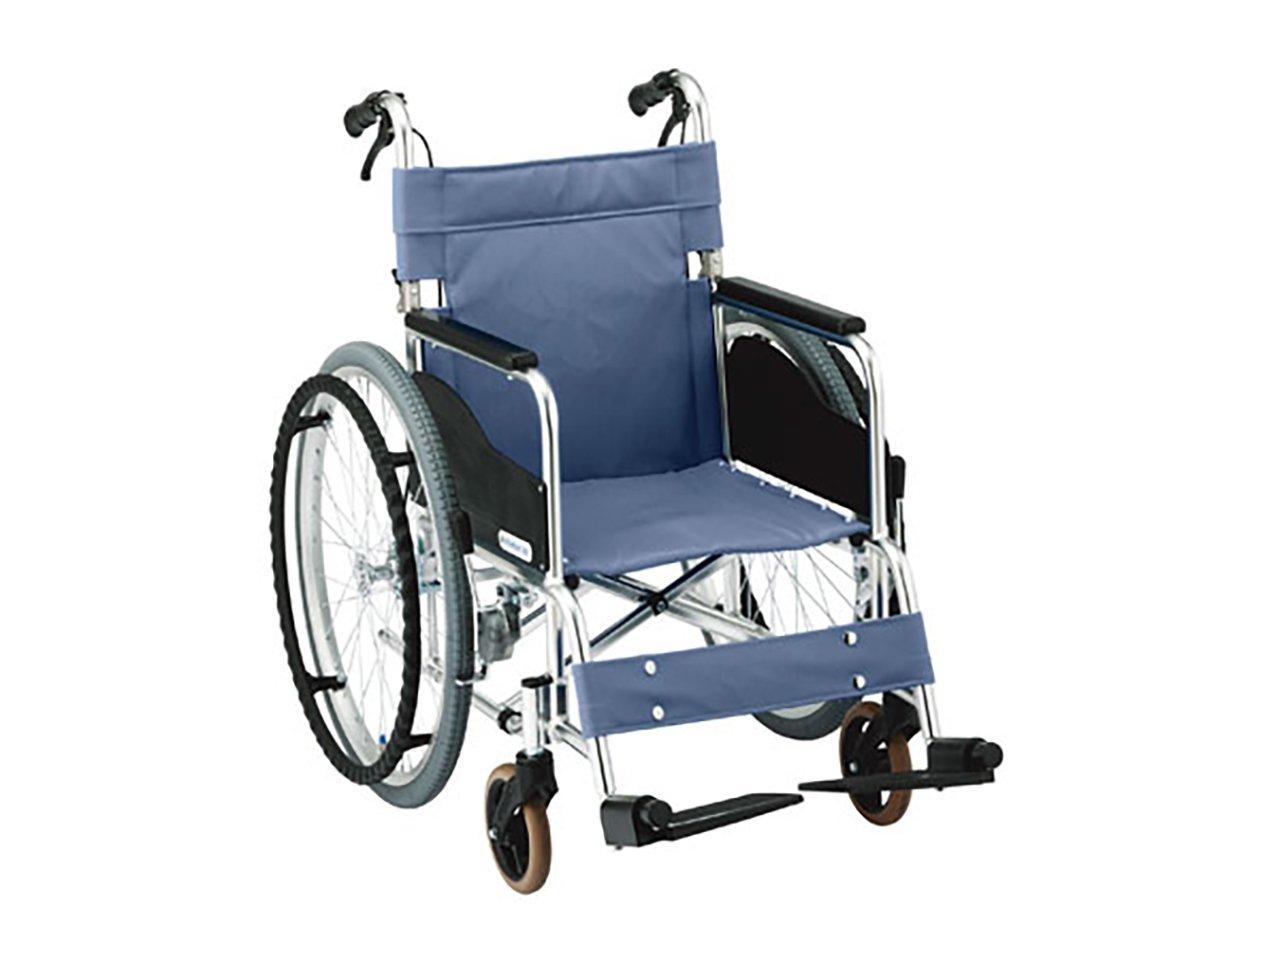 パラマウントベッド社製T54シリーズ車椅子 自走用 スリングシート ノーパンクタイヤ ノーパンクタイヤ, B019T5KQGE   ノーパンクタイヤ